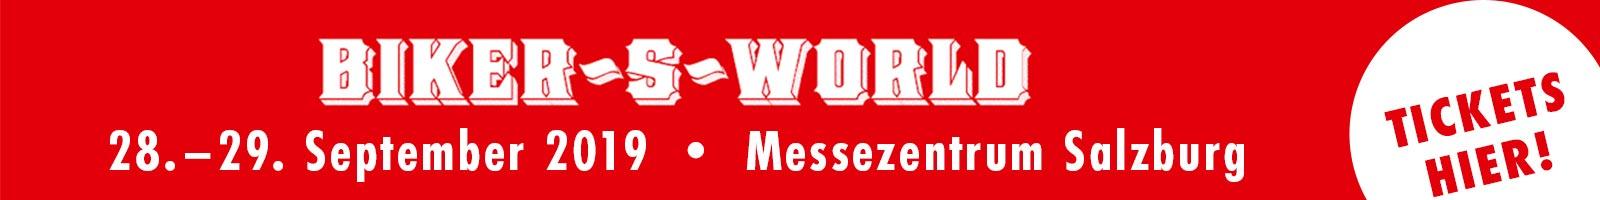 Bikers World Messe Salzburg 1600×200